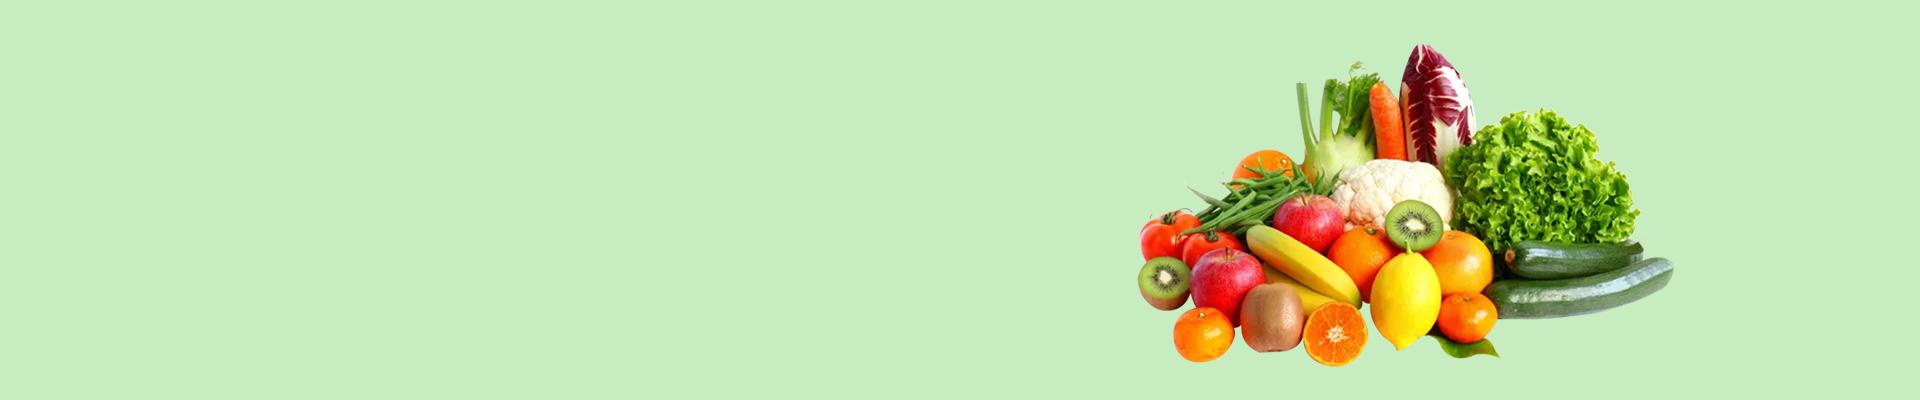 Jual Sayur & Buah Terbaik & Terlengkap - Harga Murah